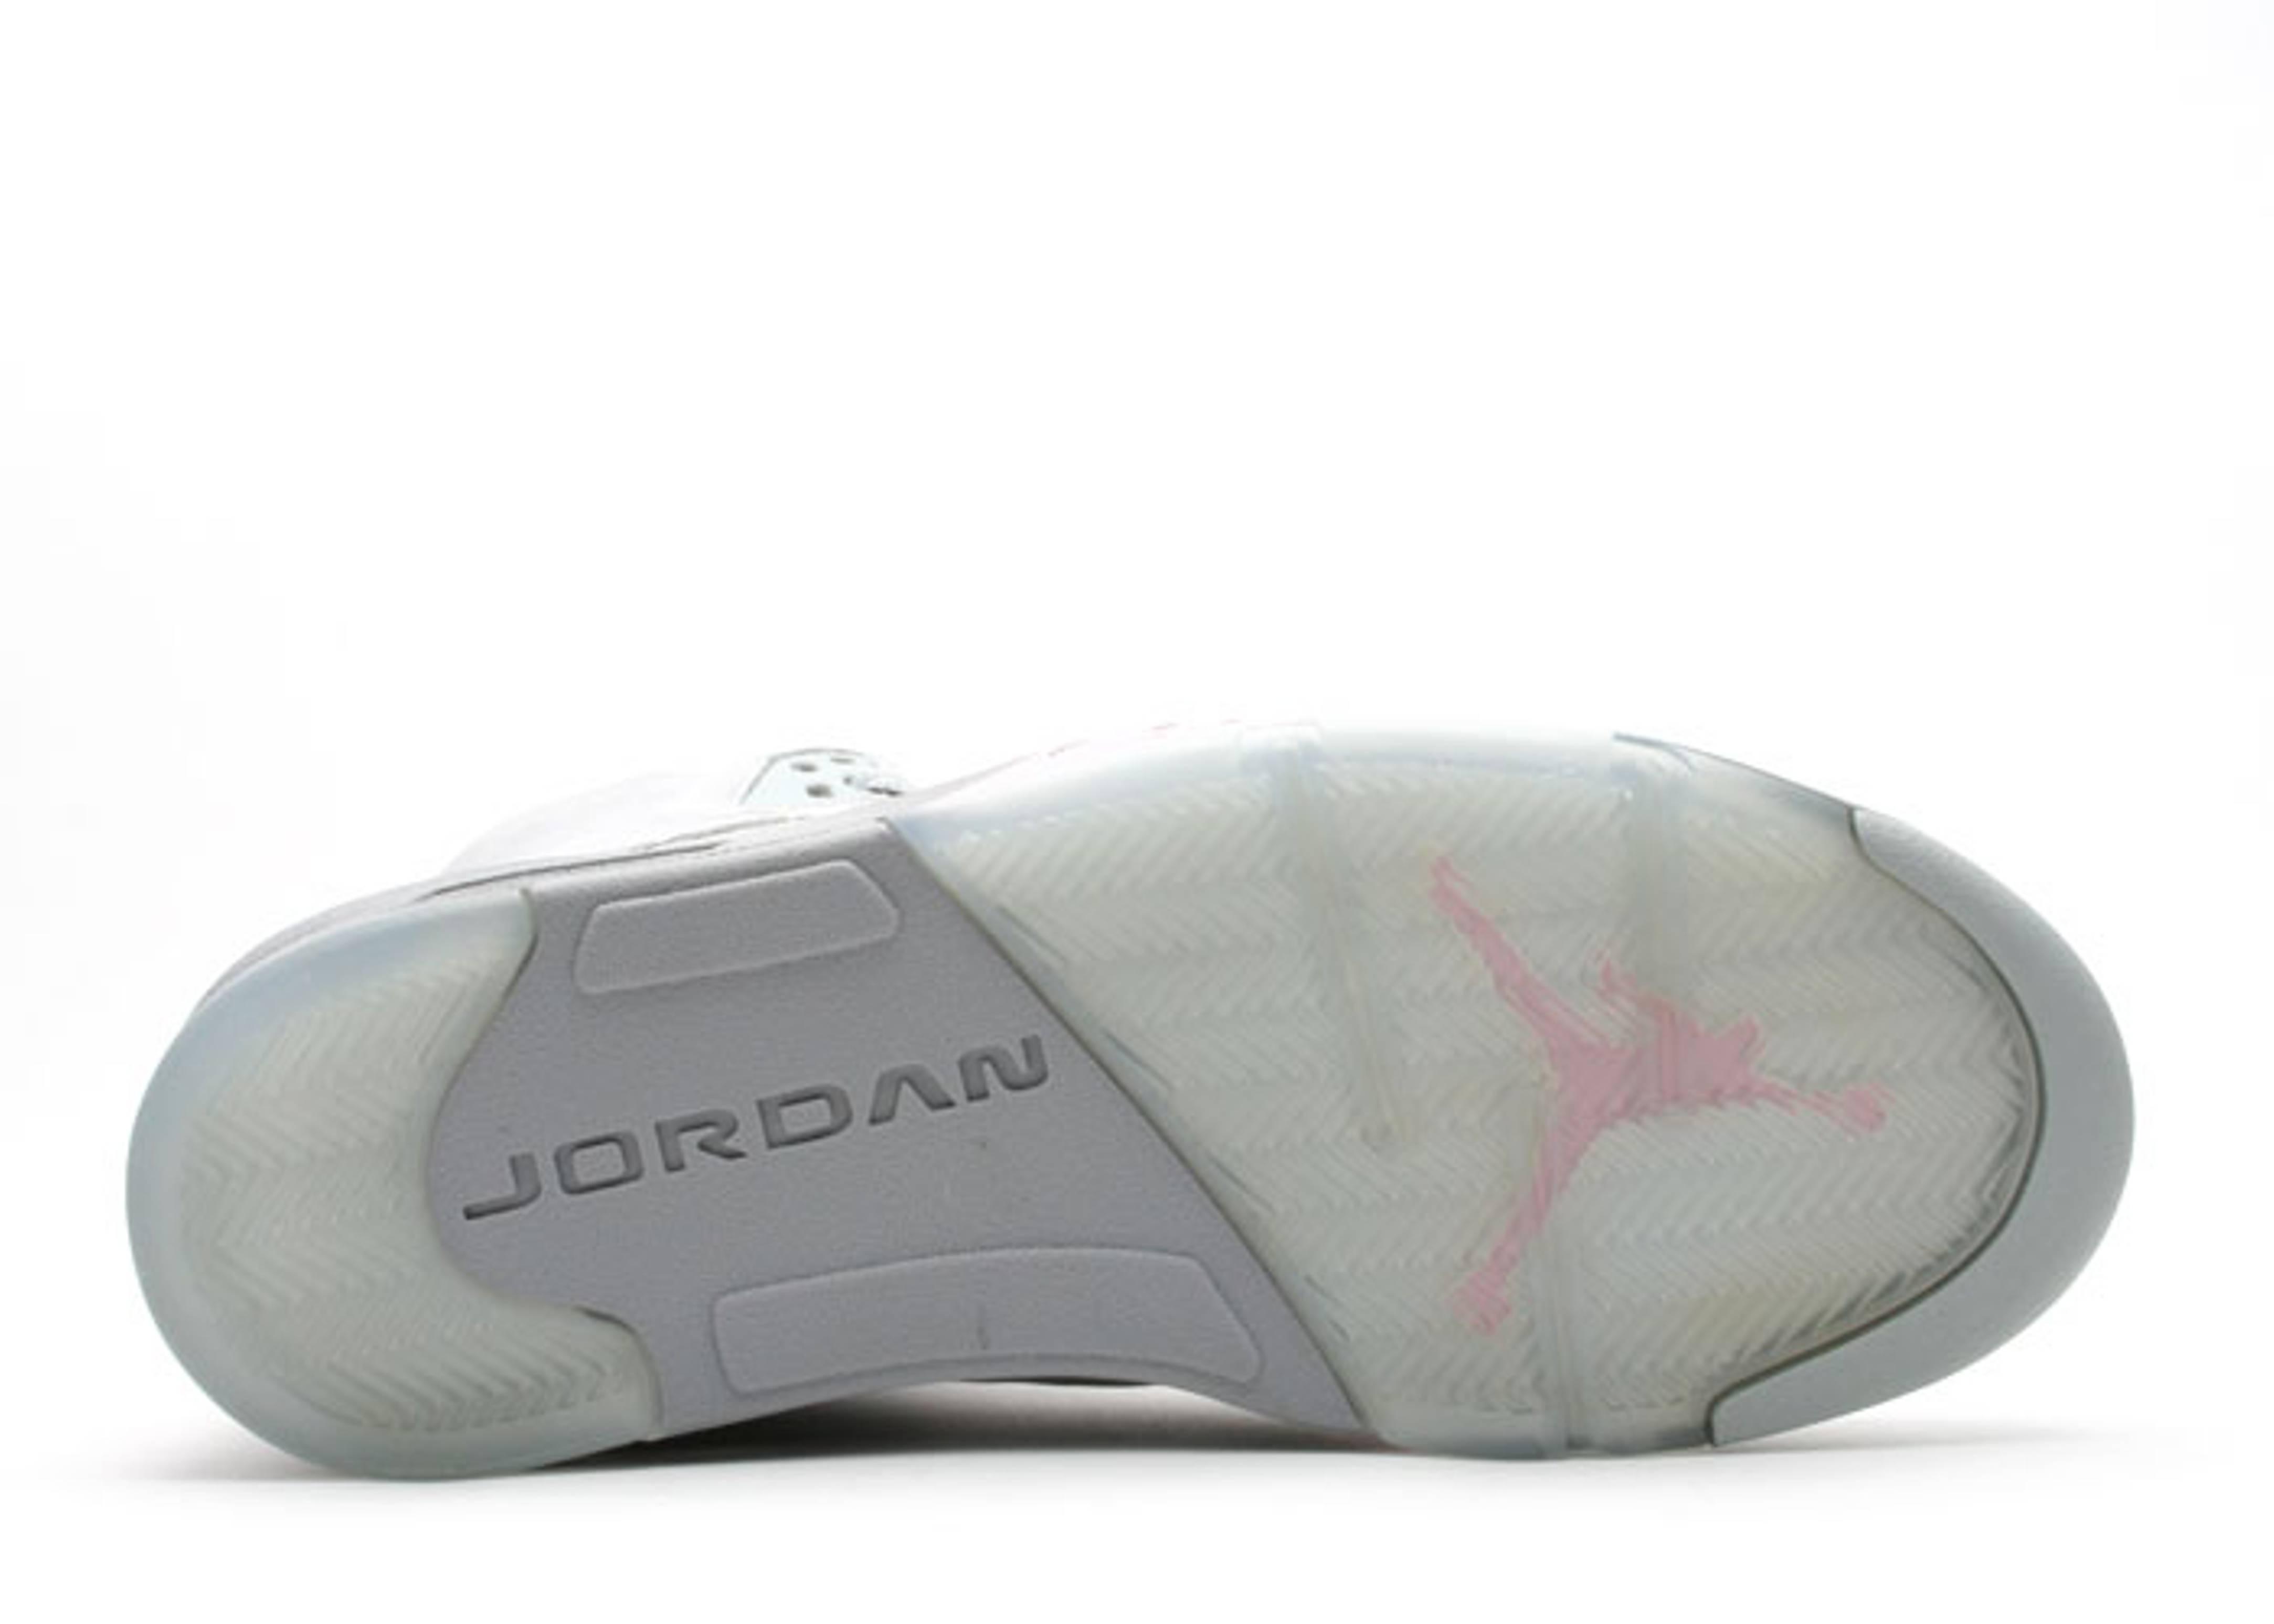 b47c80d9a4d W's Air Jordan 5 Retro